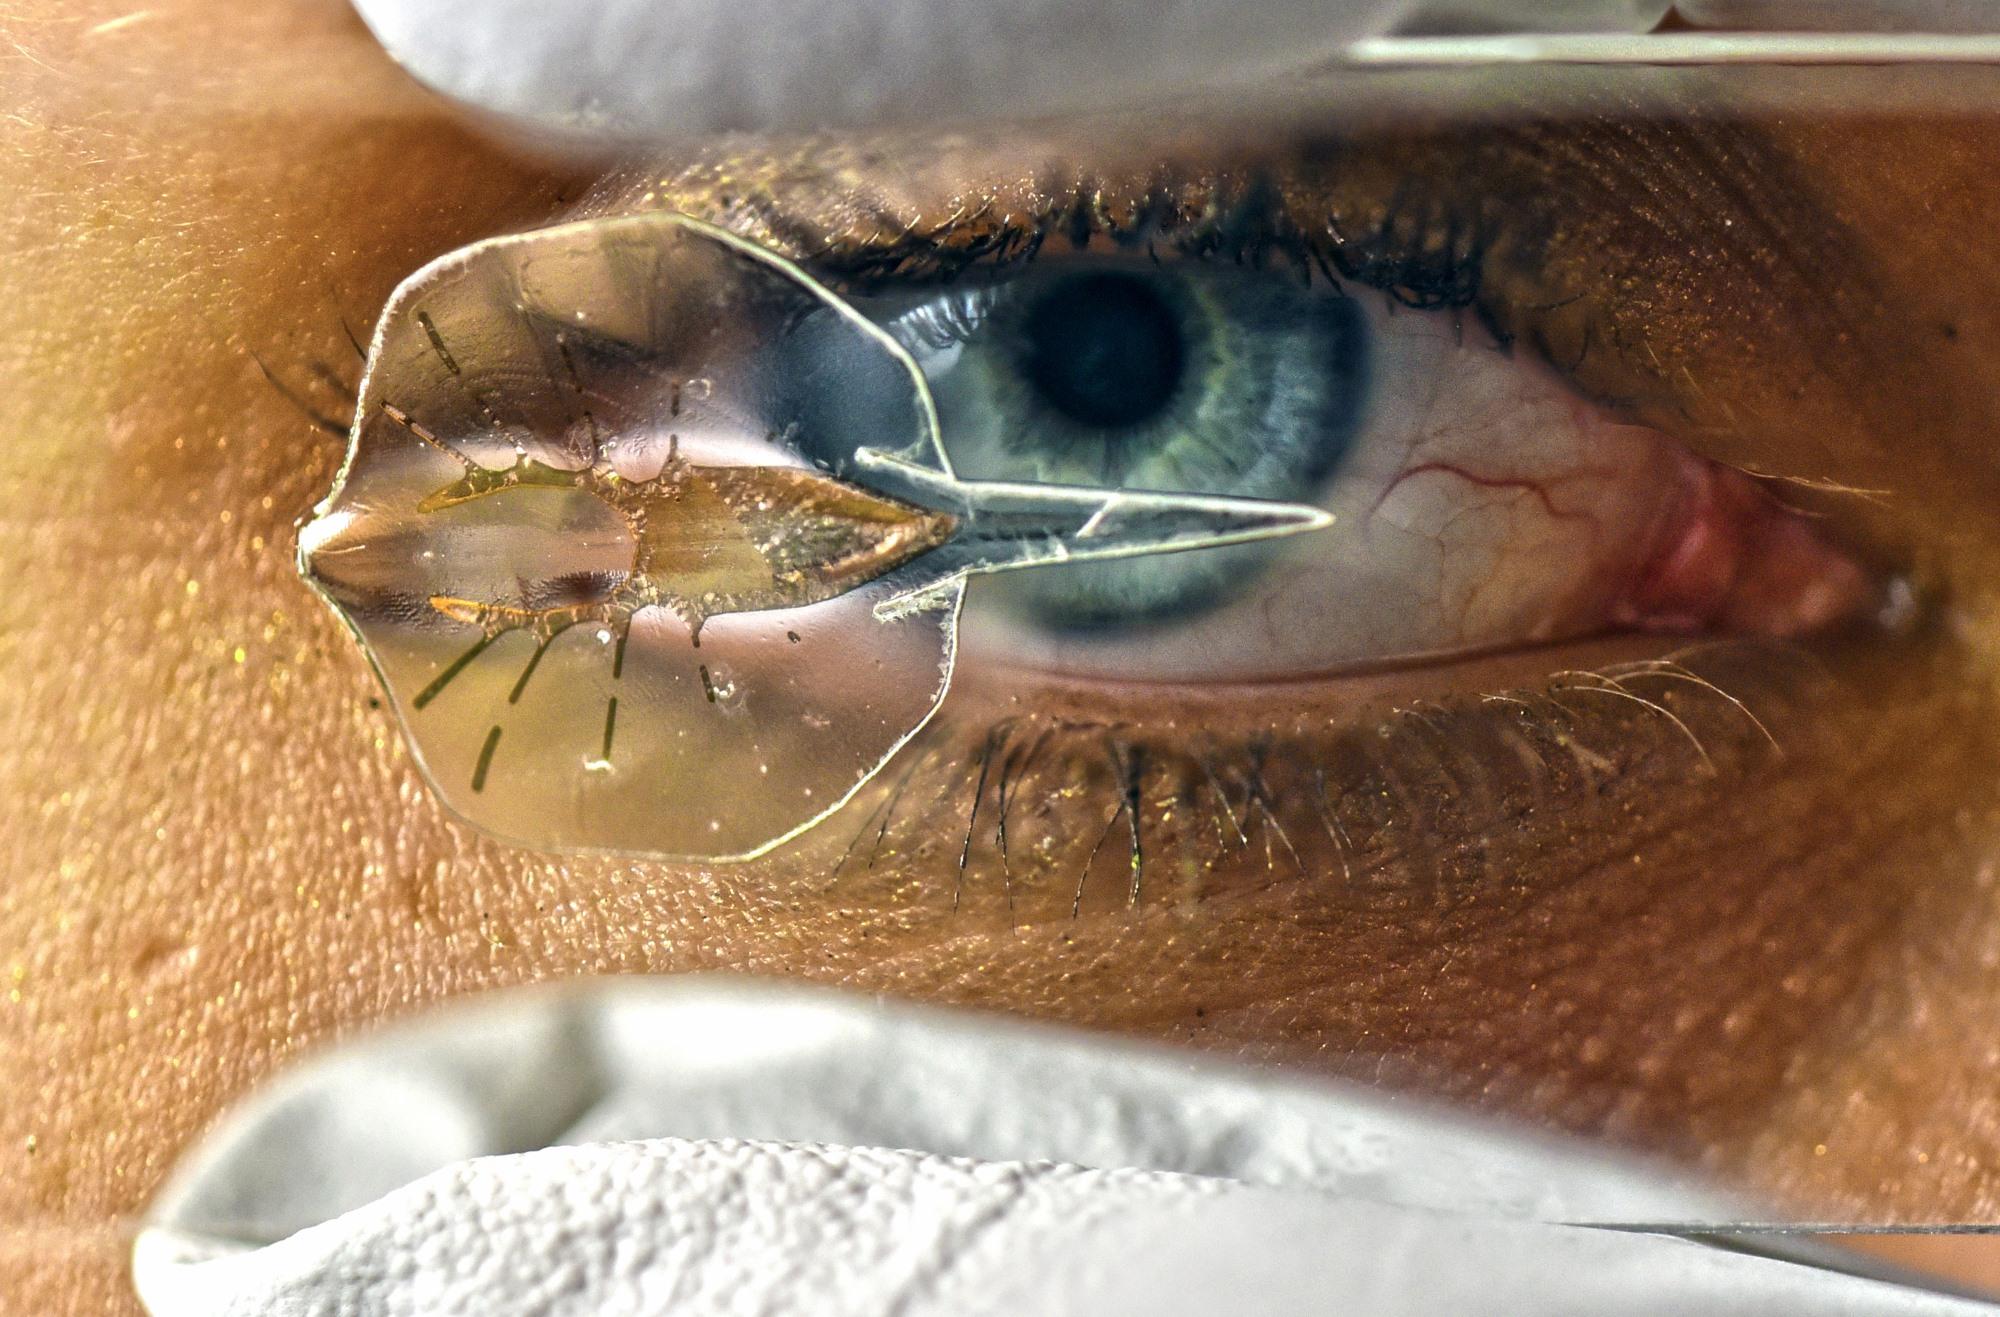 Anatomy of stingray